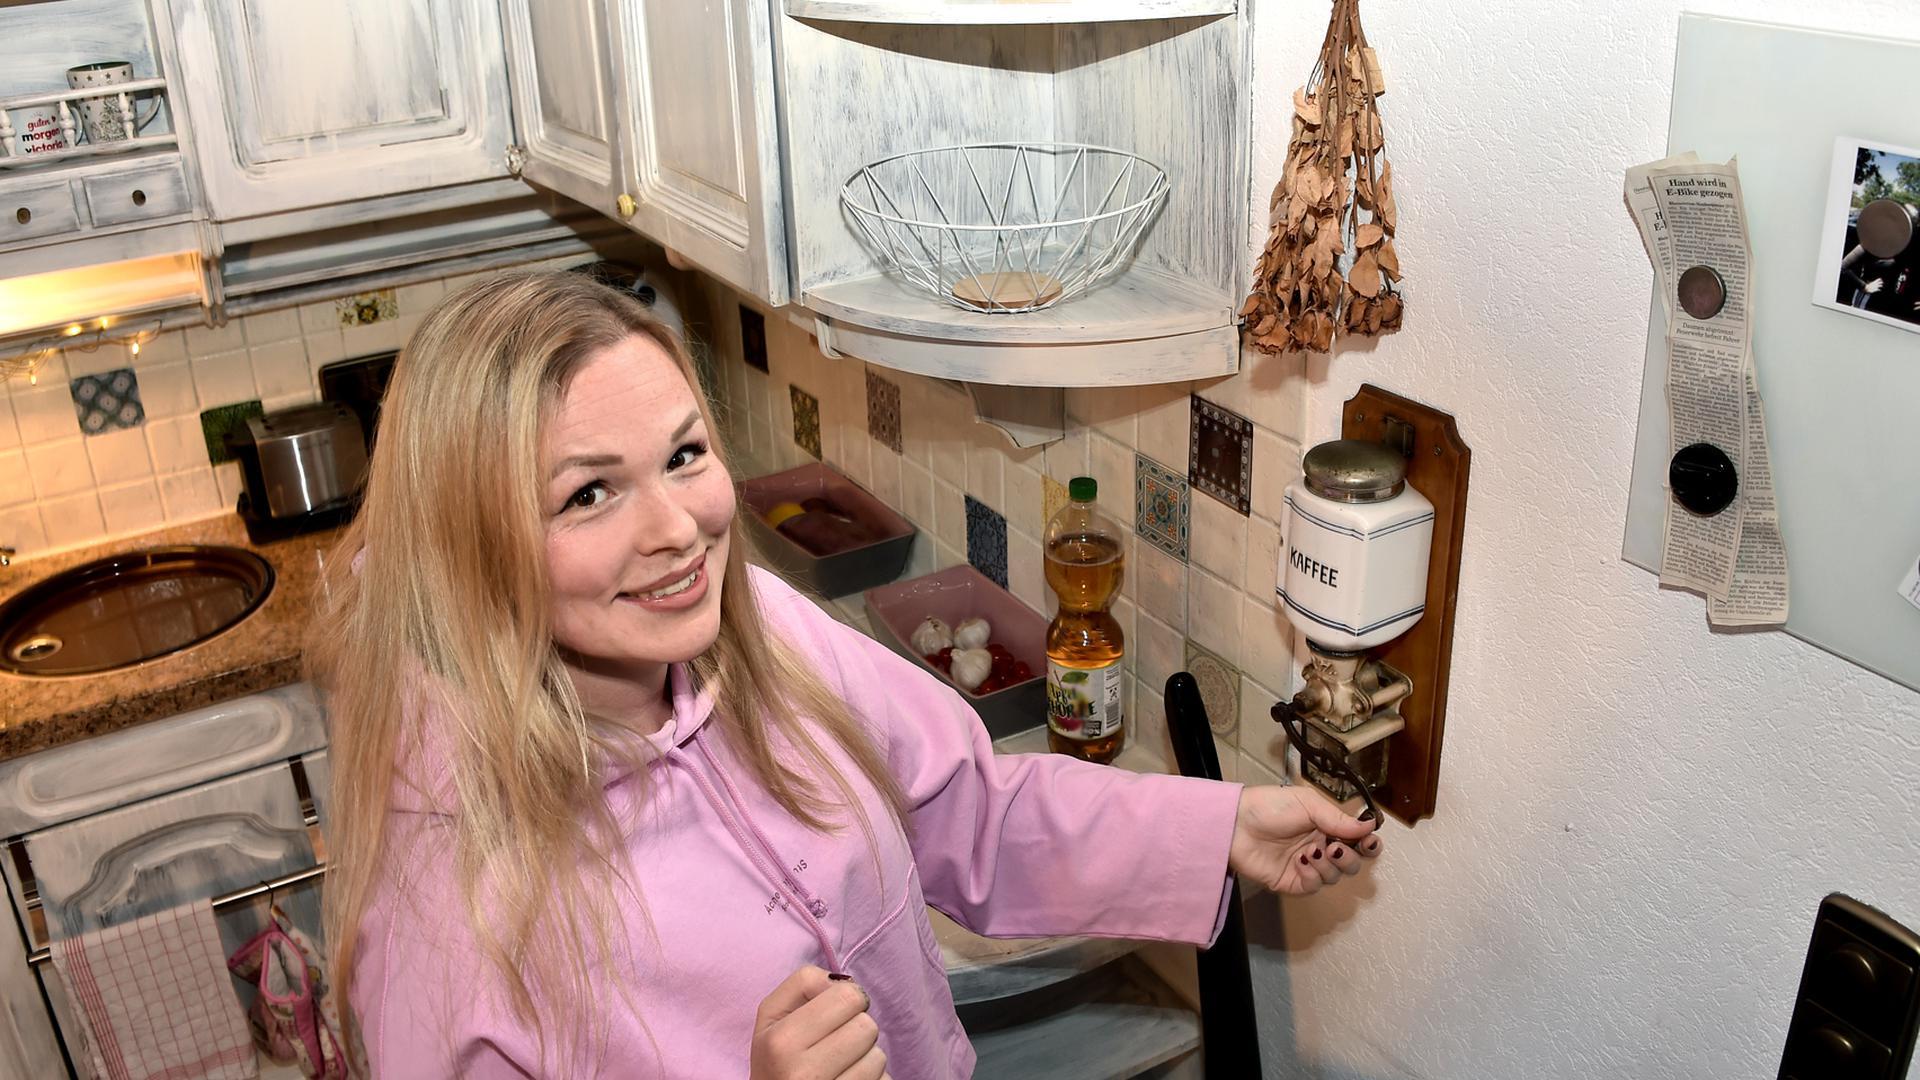 Frau Küche Blick von oben